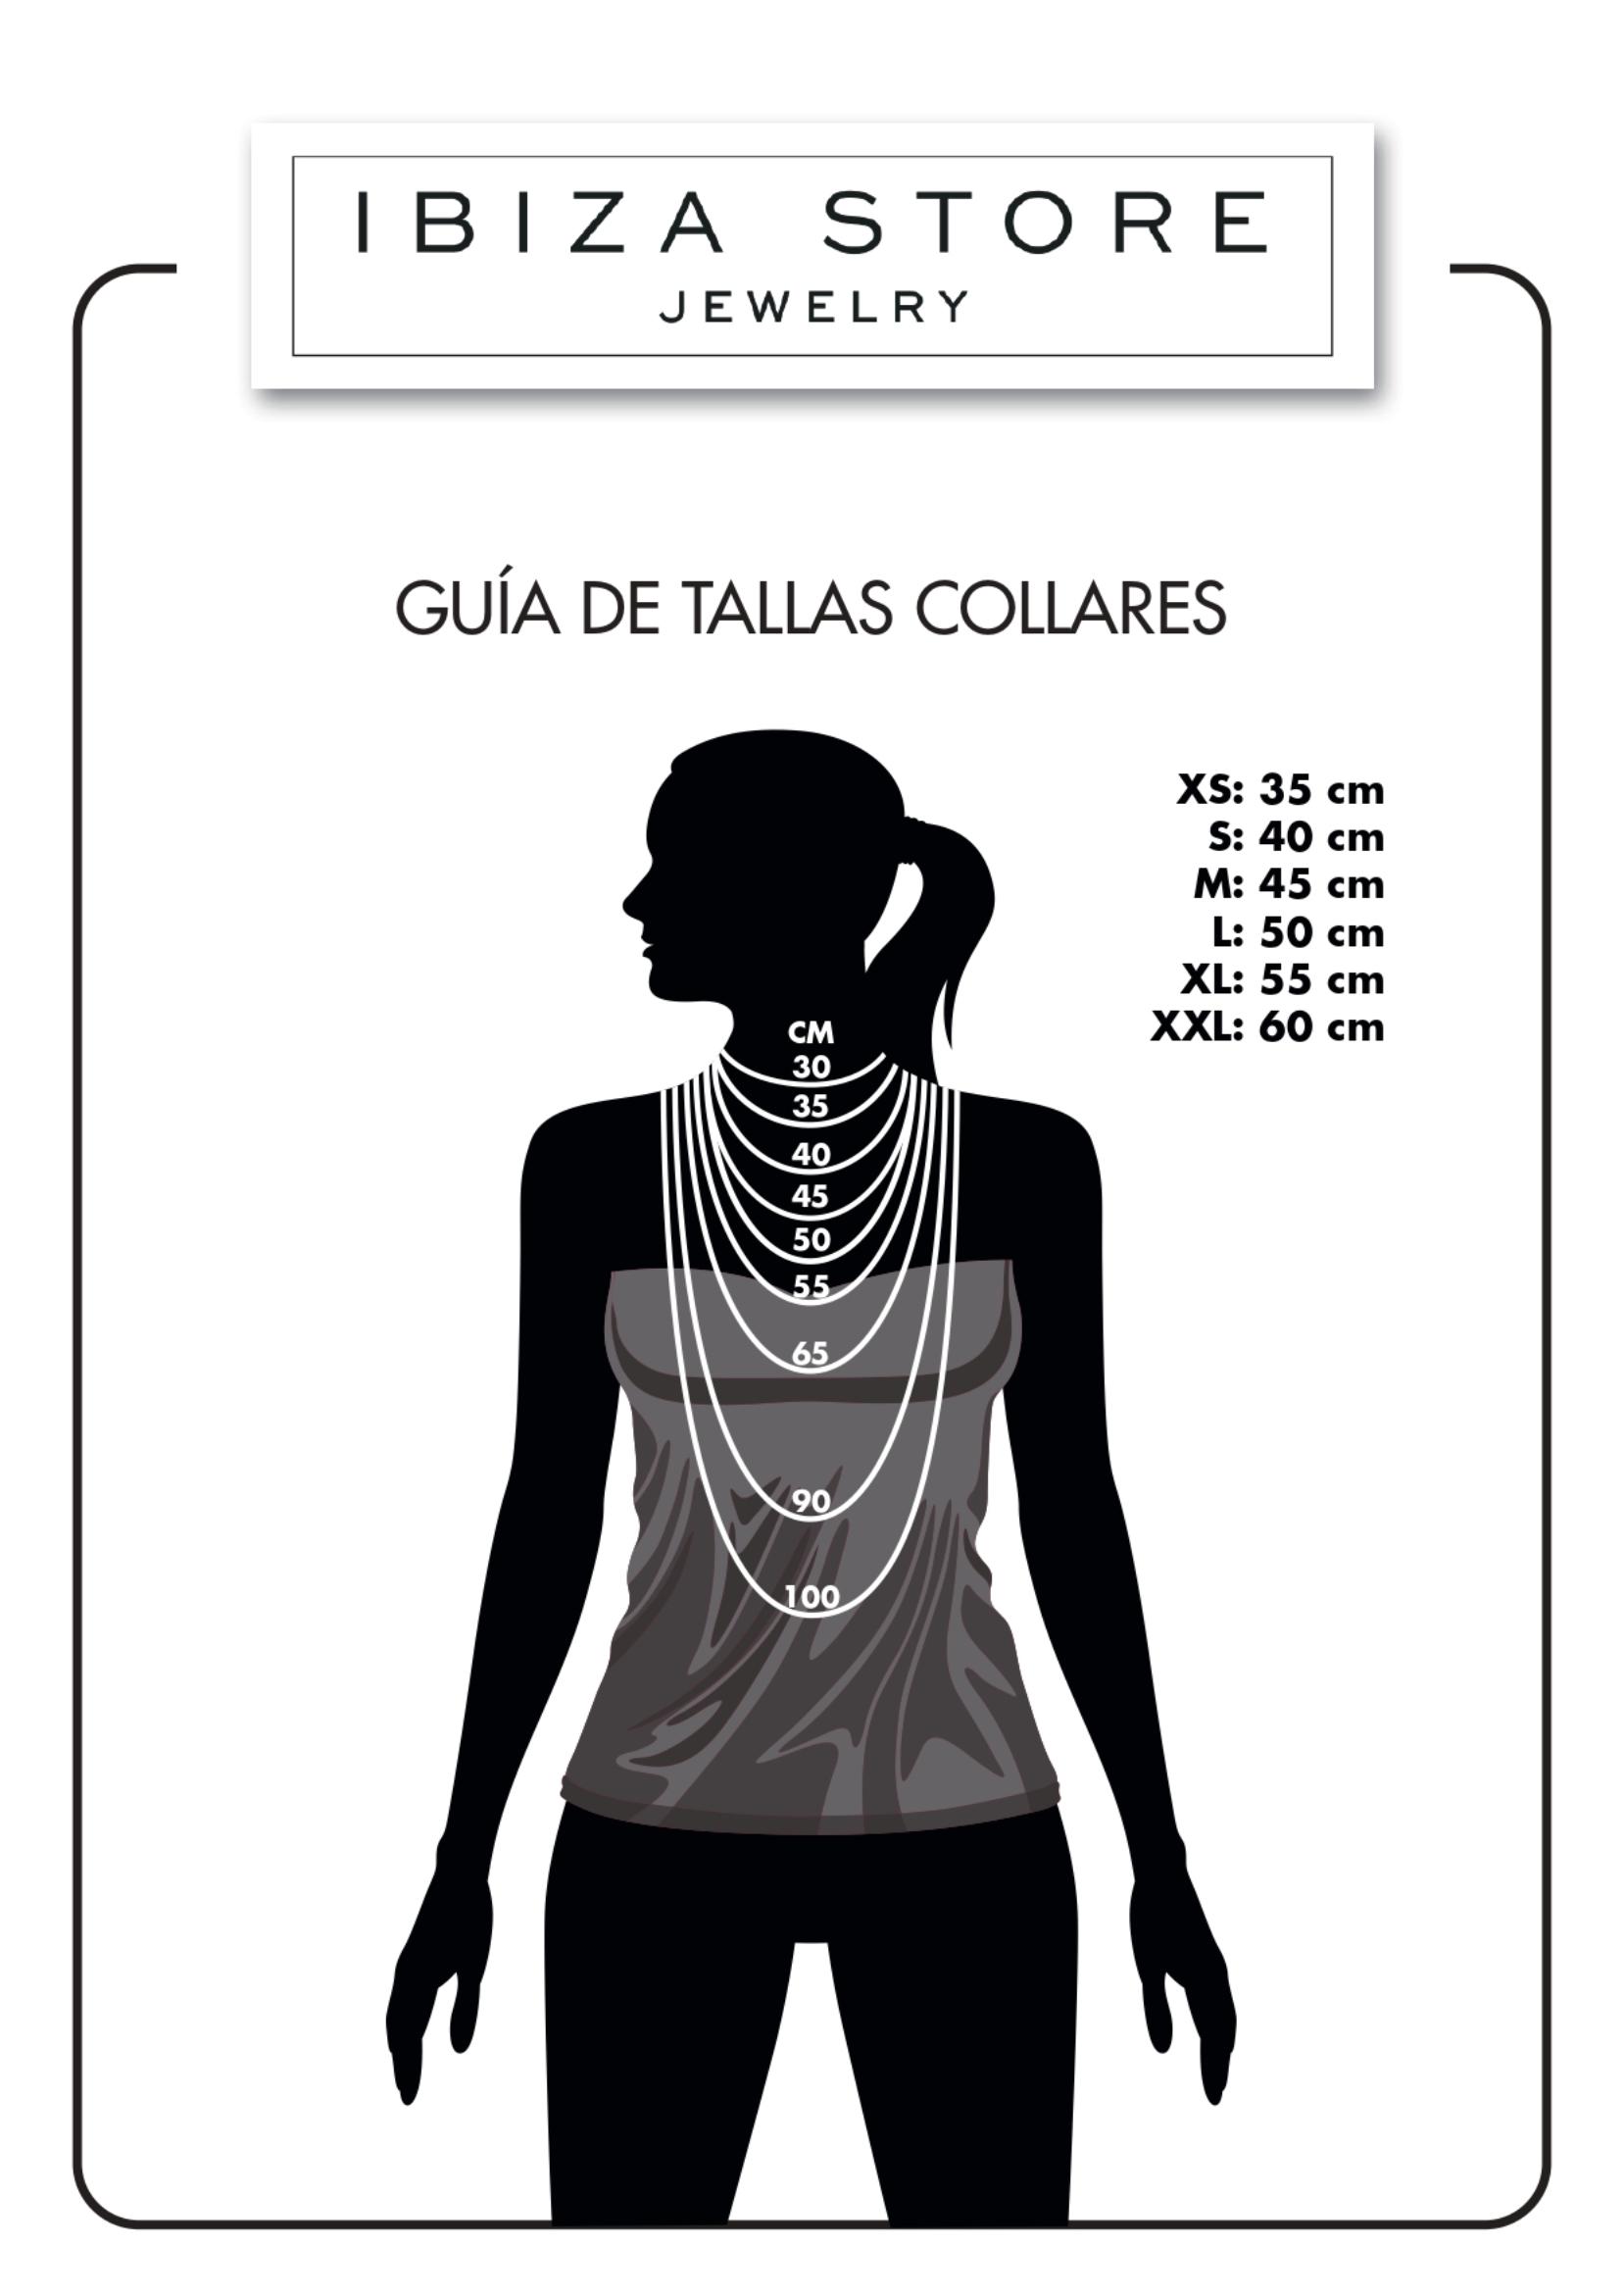 GUIA TALLAS COLLARES